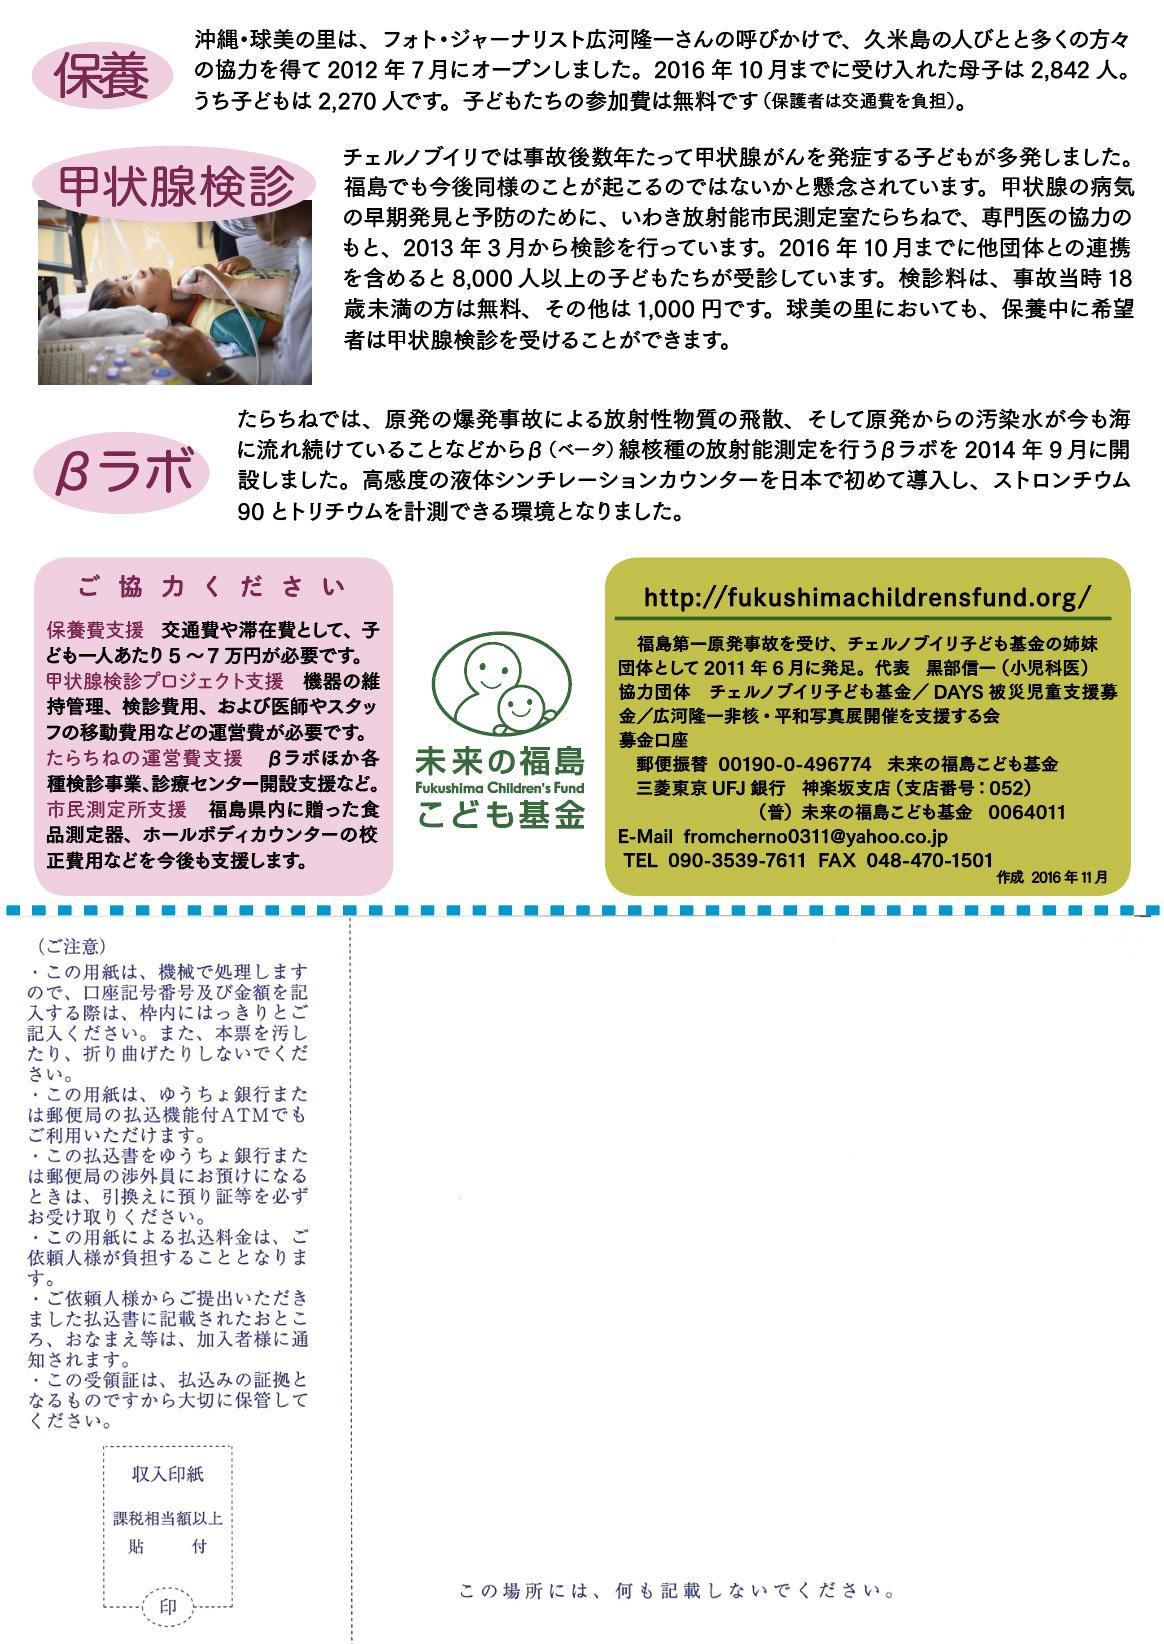 未来の福島こども基金の活動支援チラシ裏面